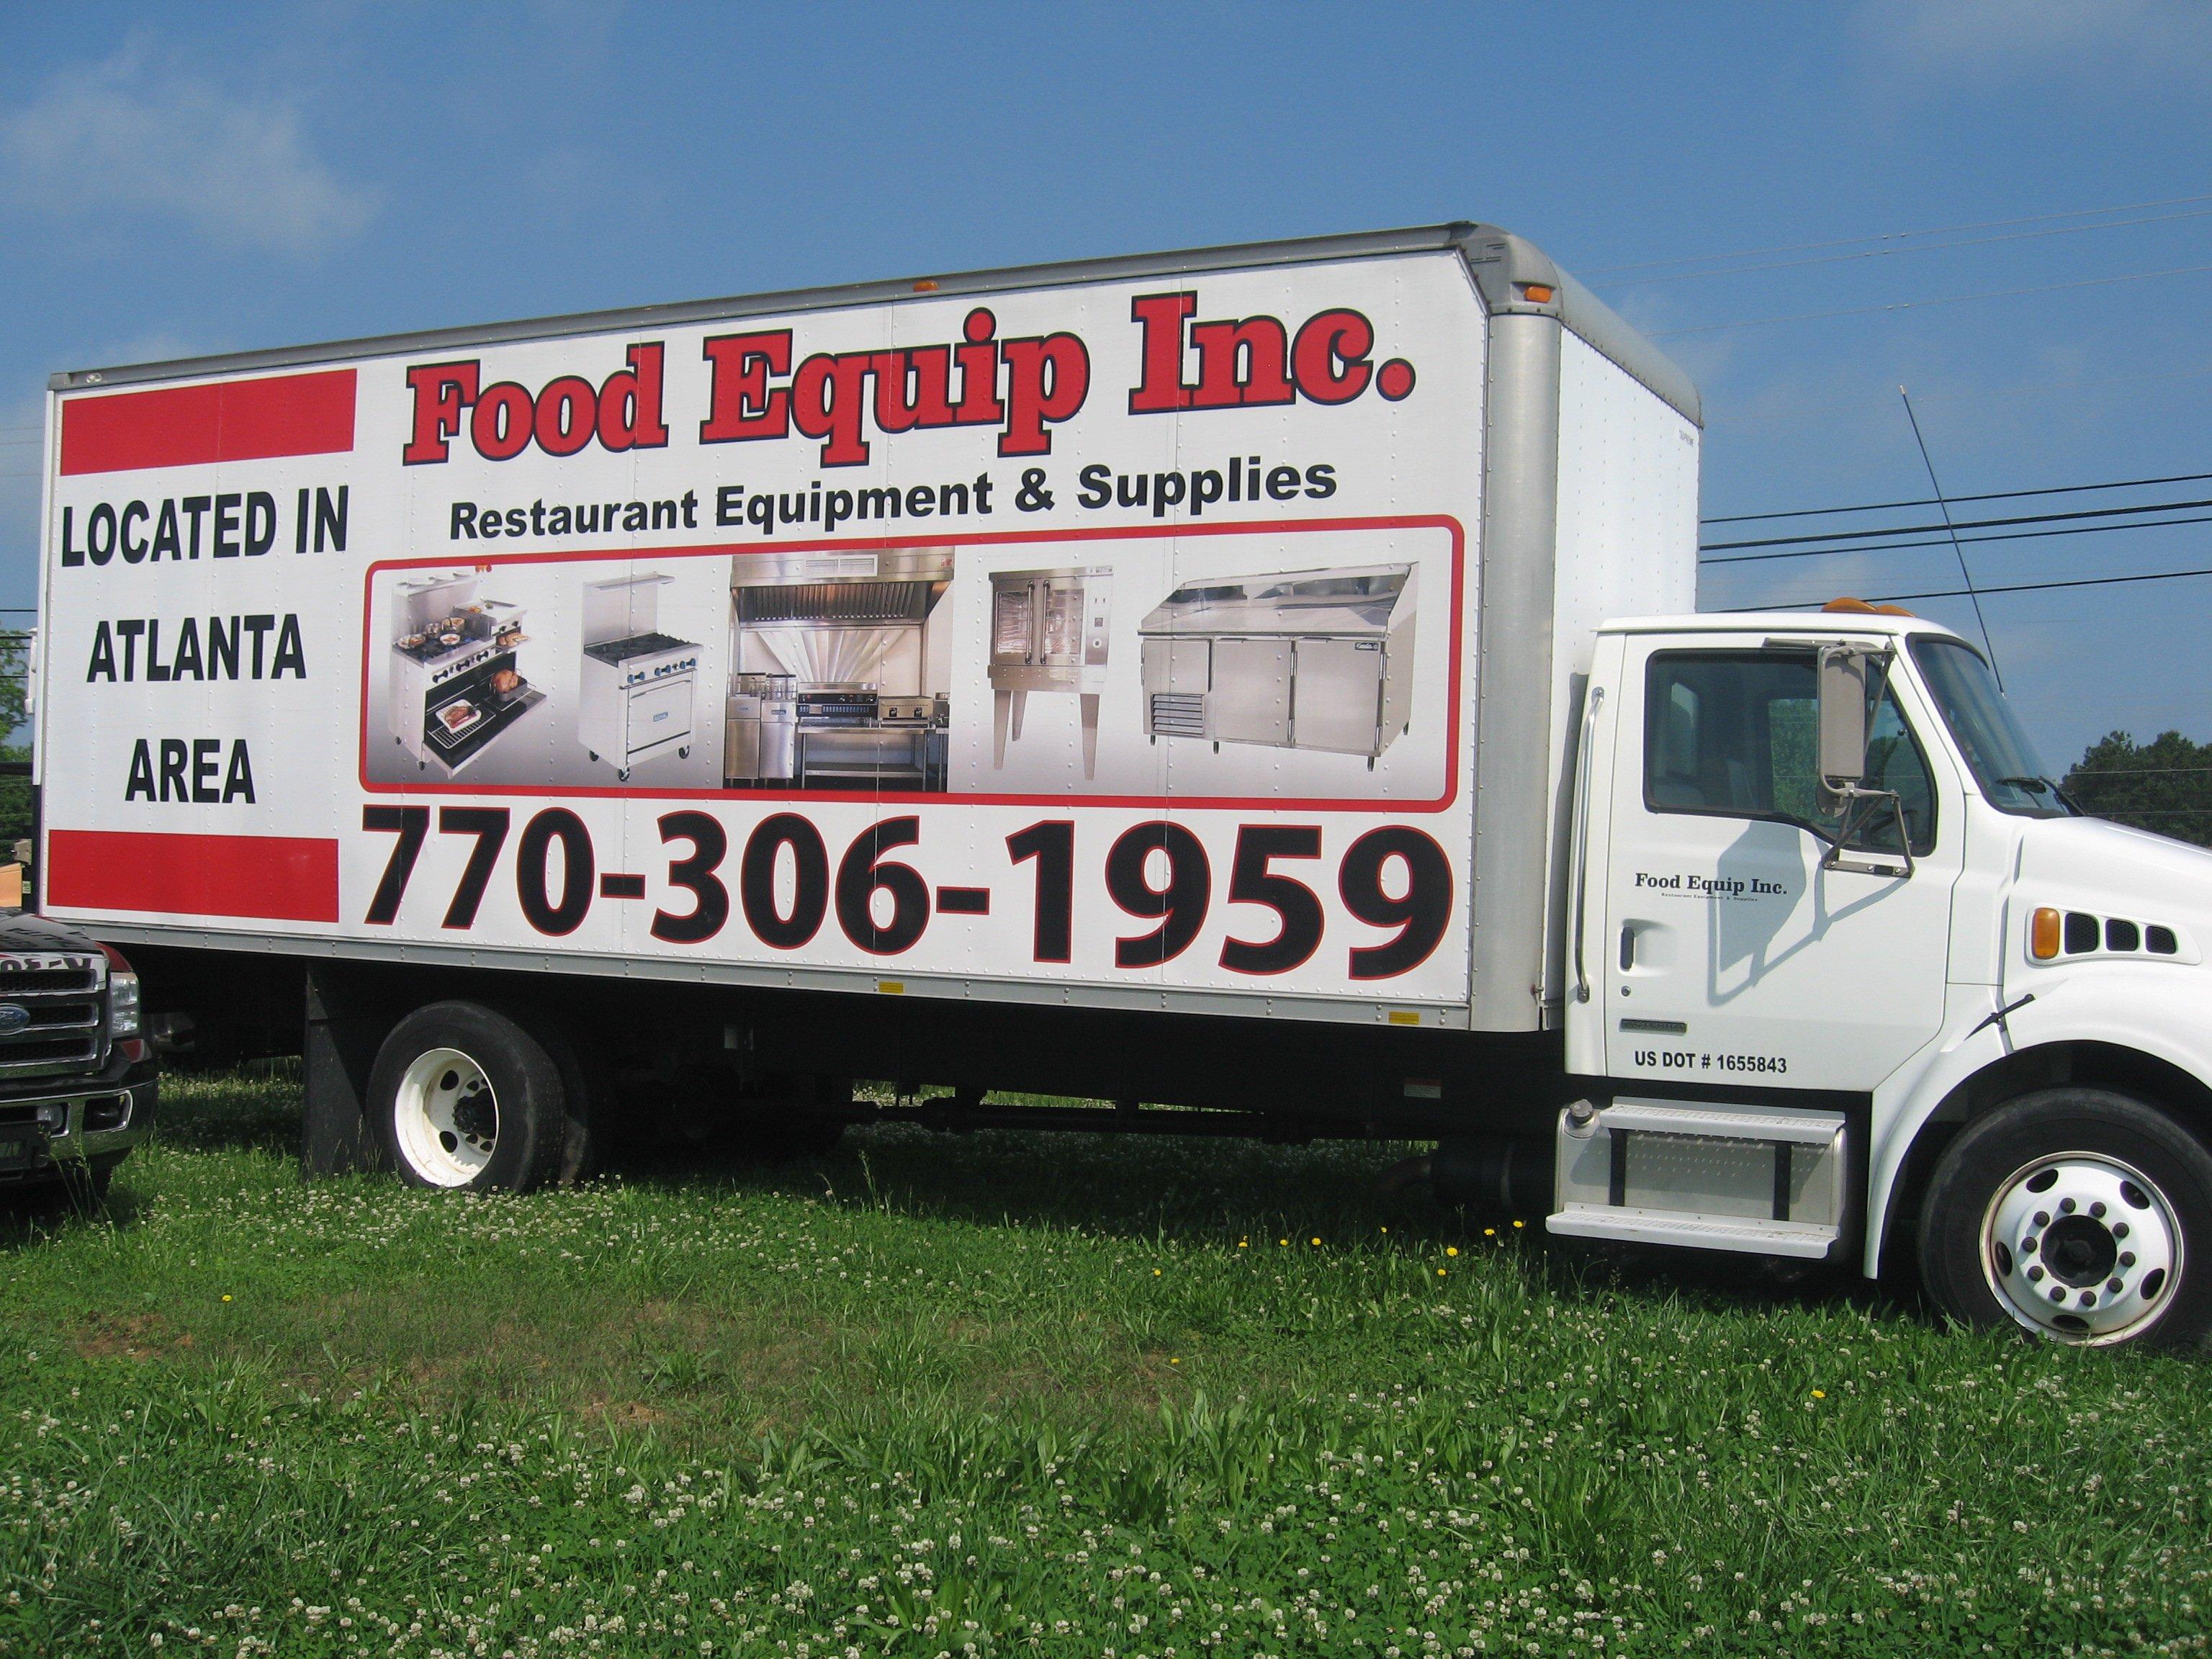 Food Equip Truck